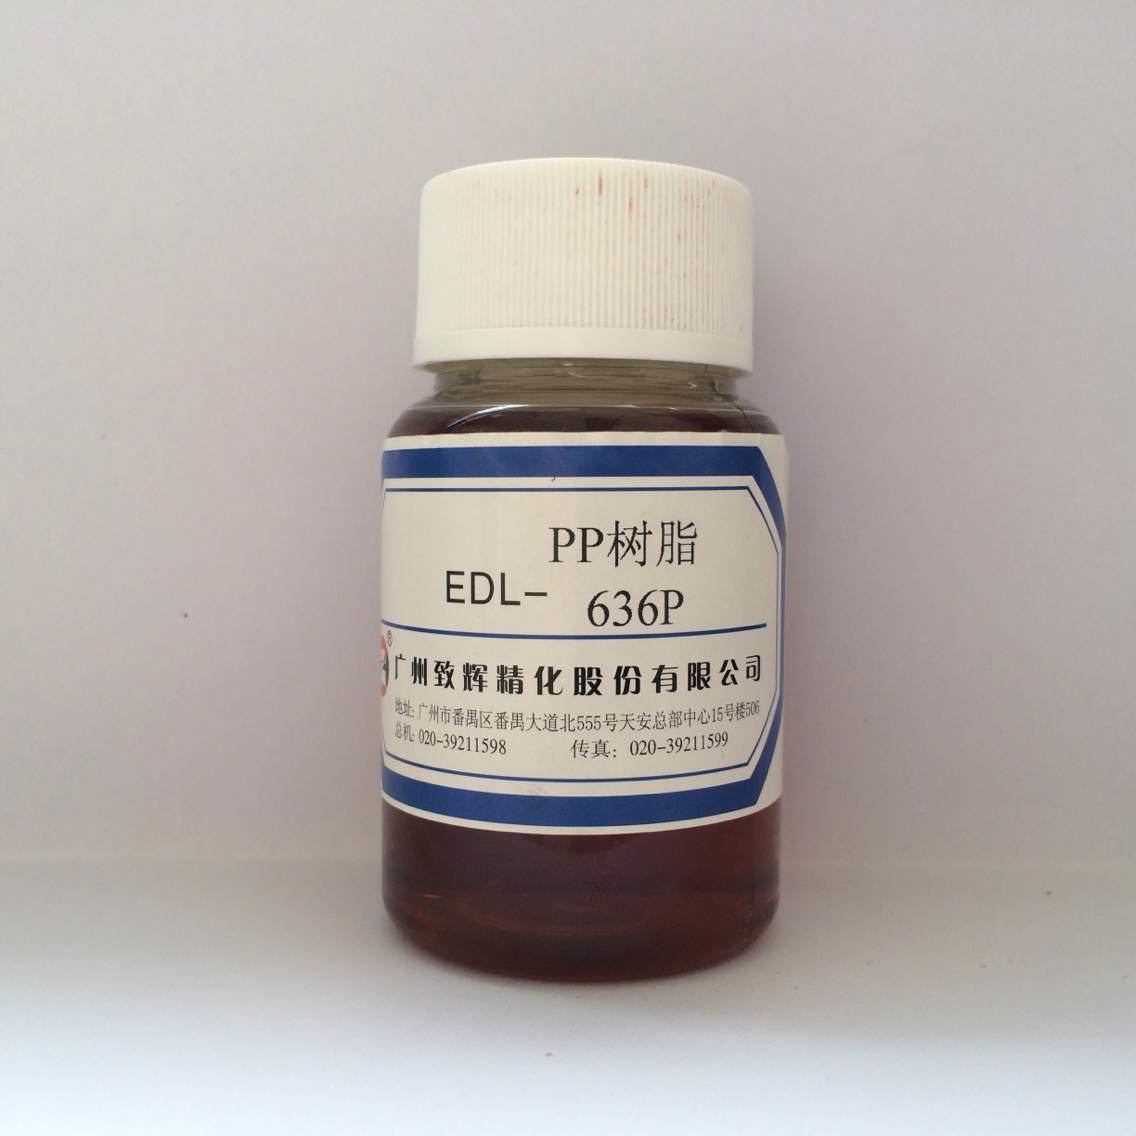 一次性PP树脂  EDL-636P